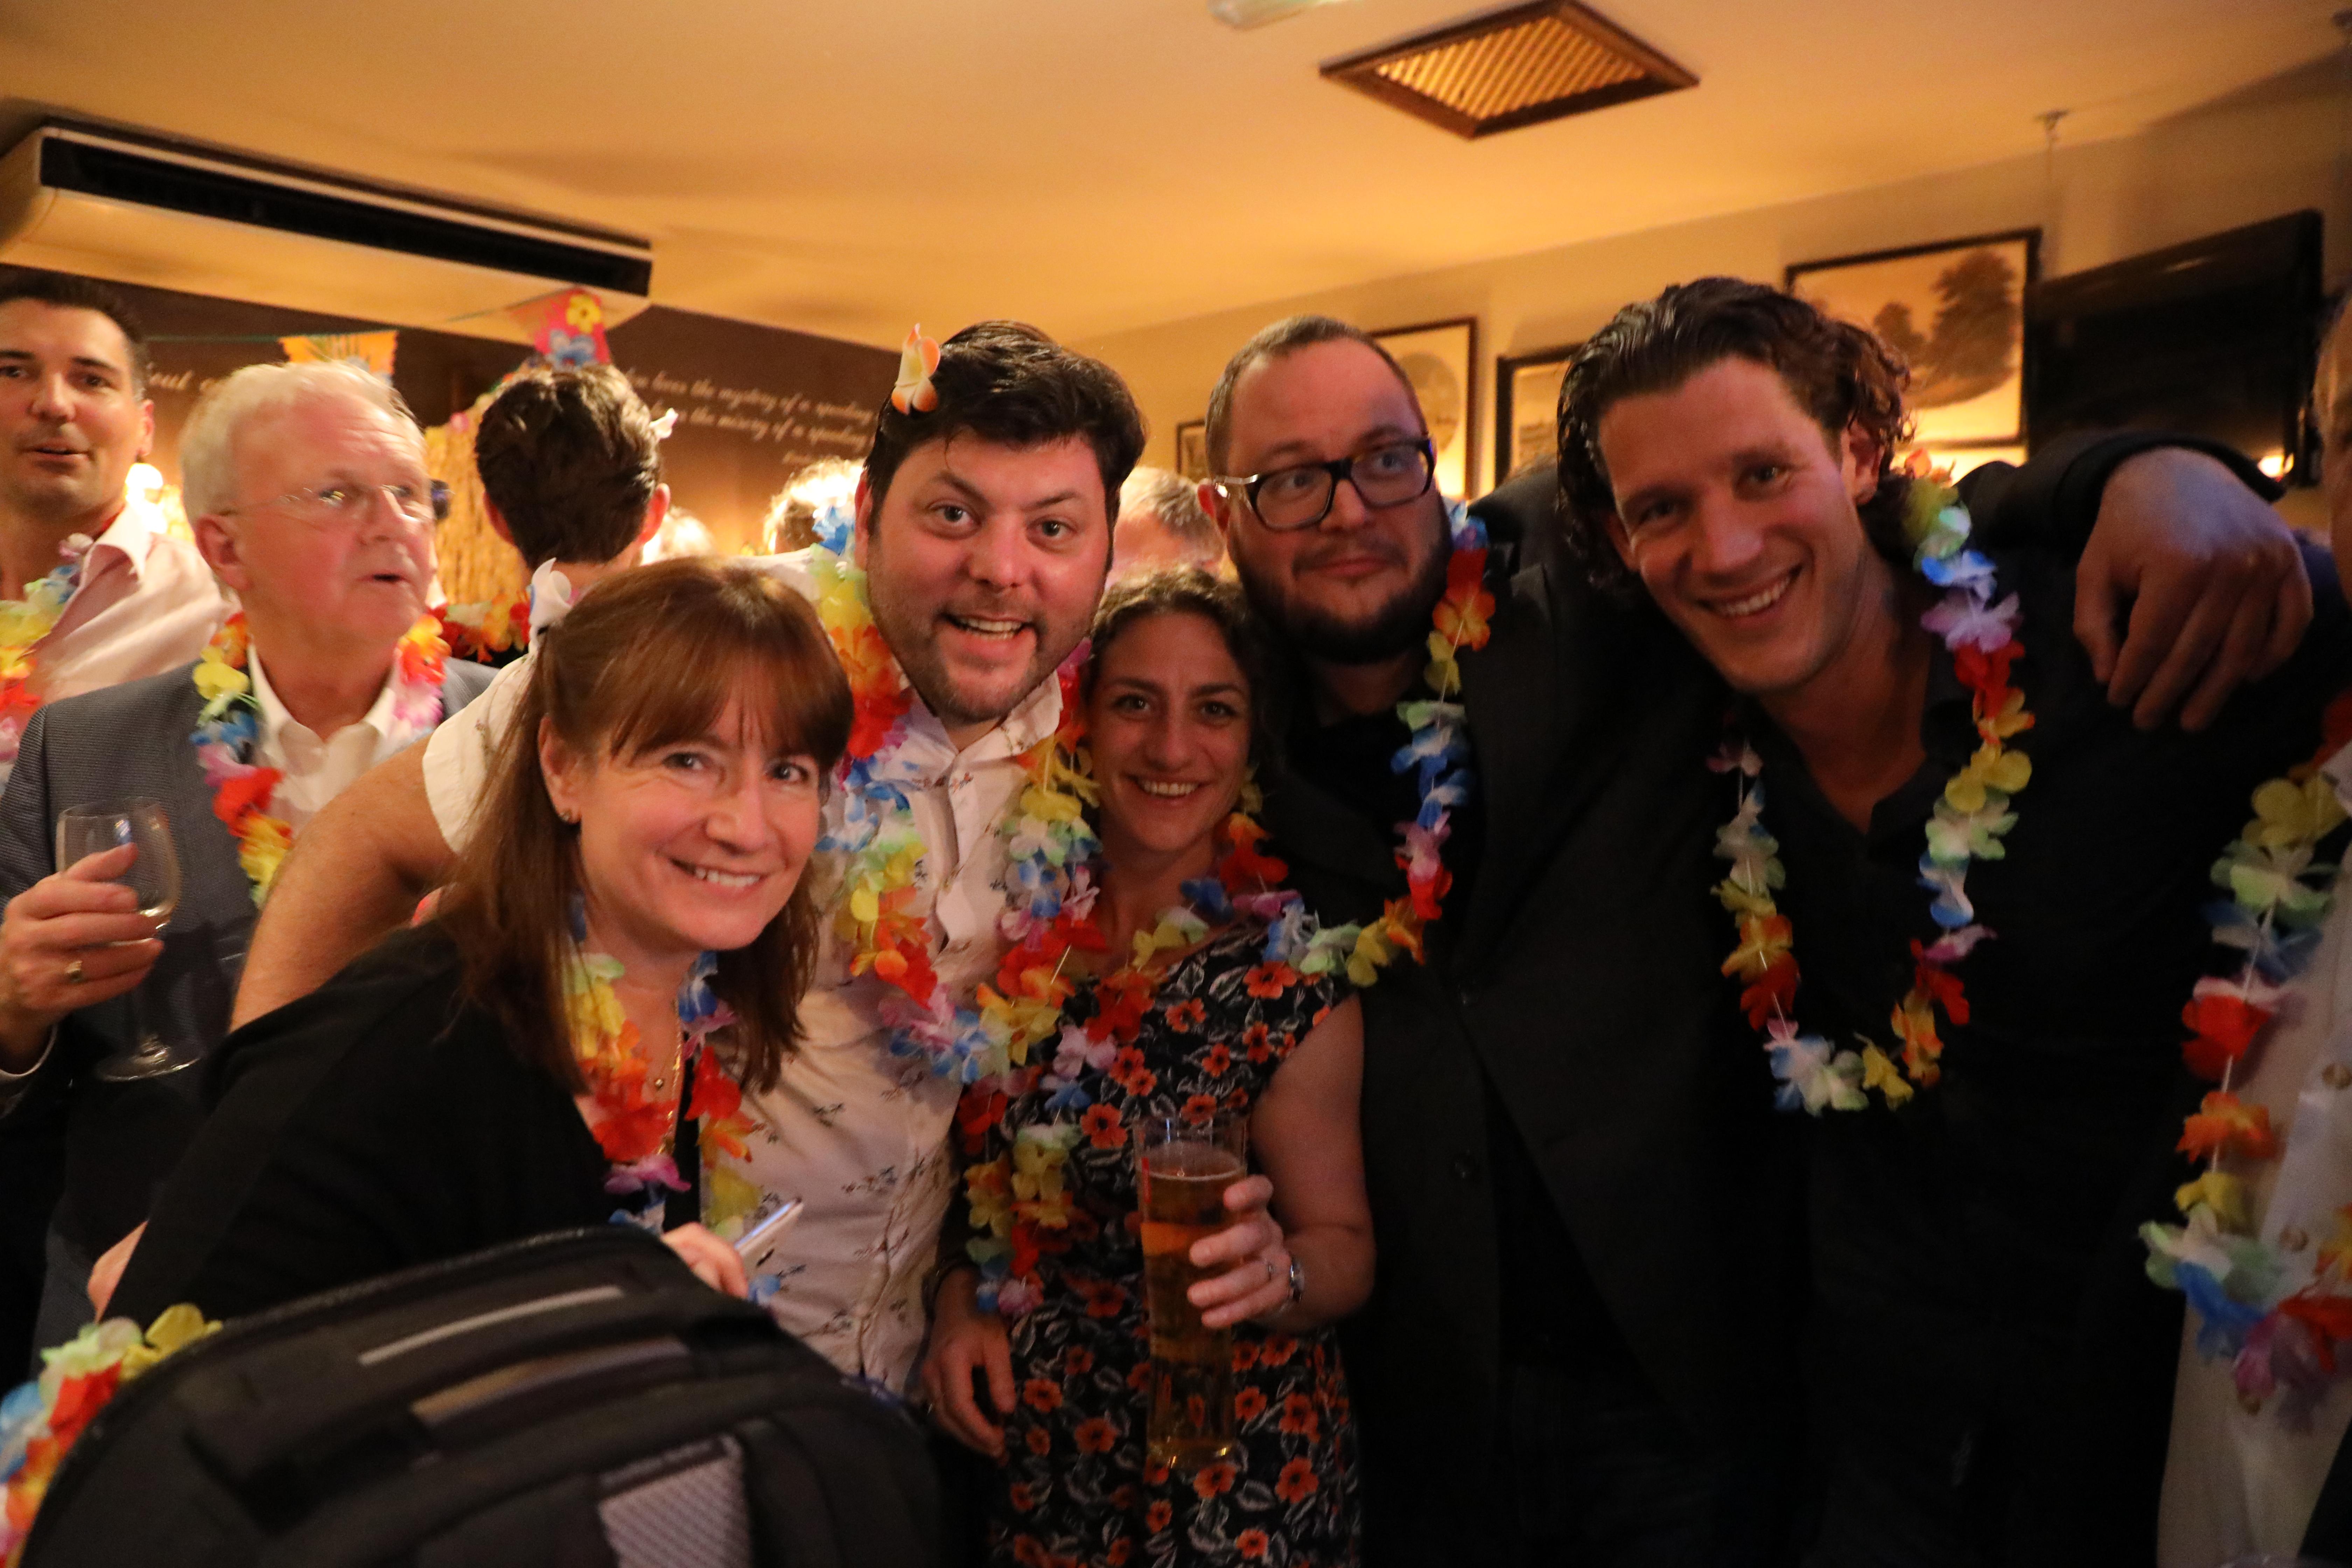 Distoy London 2018 Mike Moody, Mary, Gary Pyper, Eleanor Black, Joeri Hoste, JM